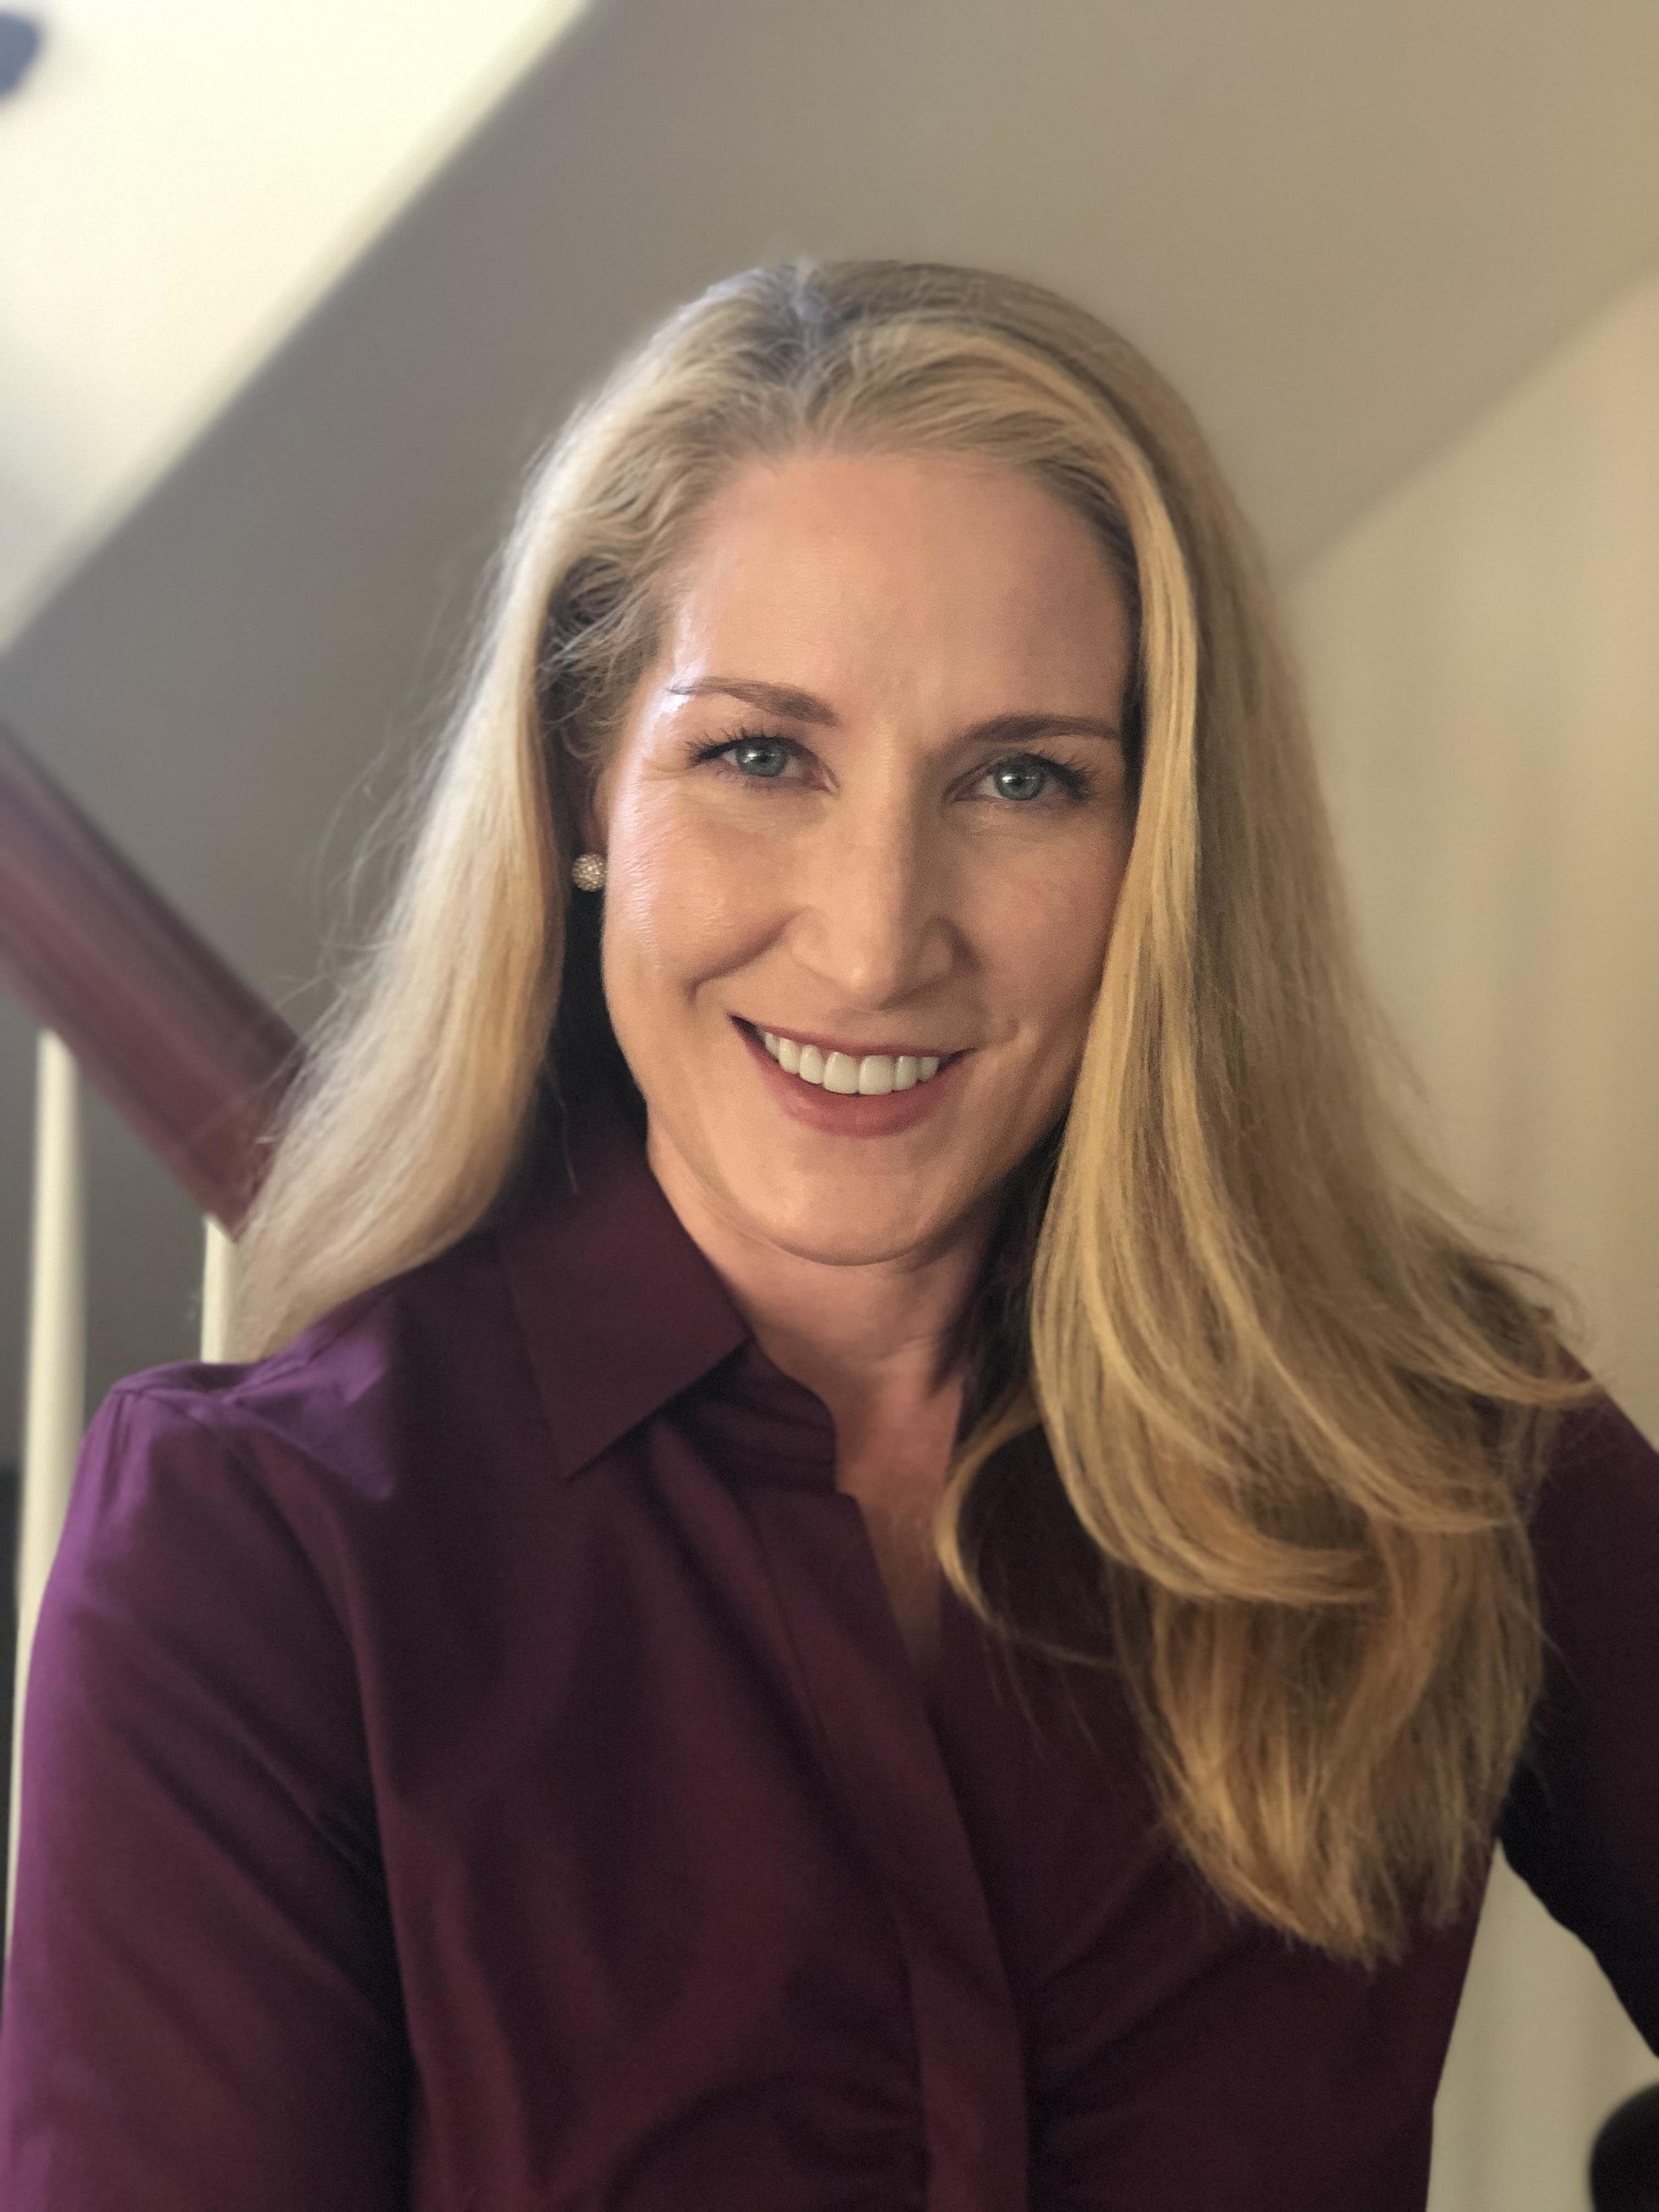 Amy Wickstrom